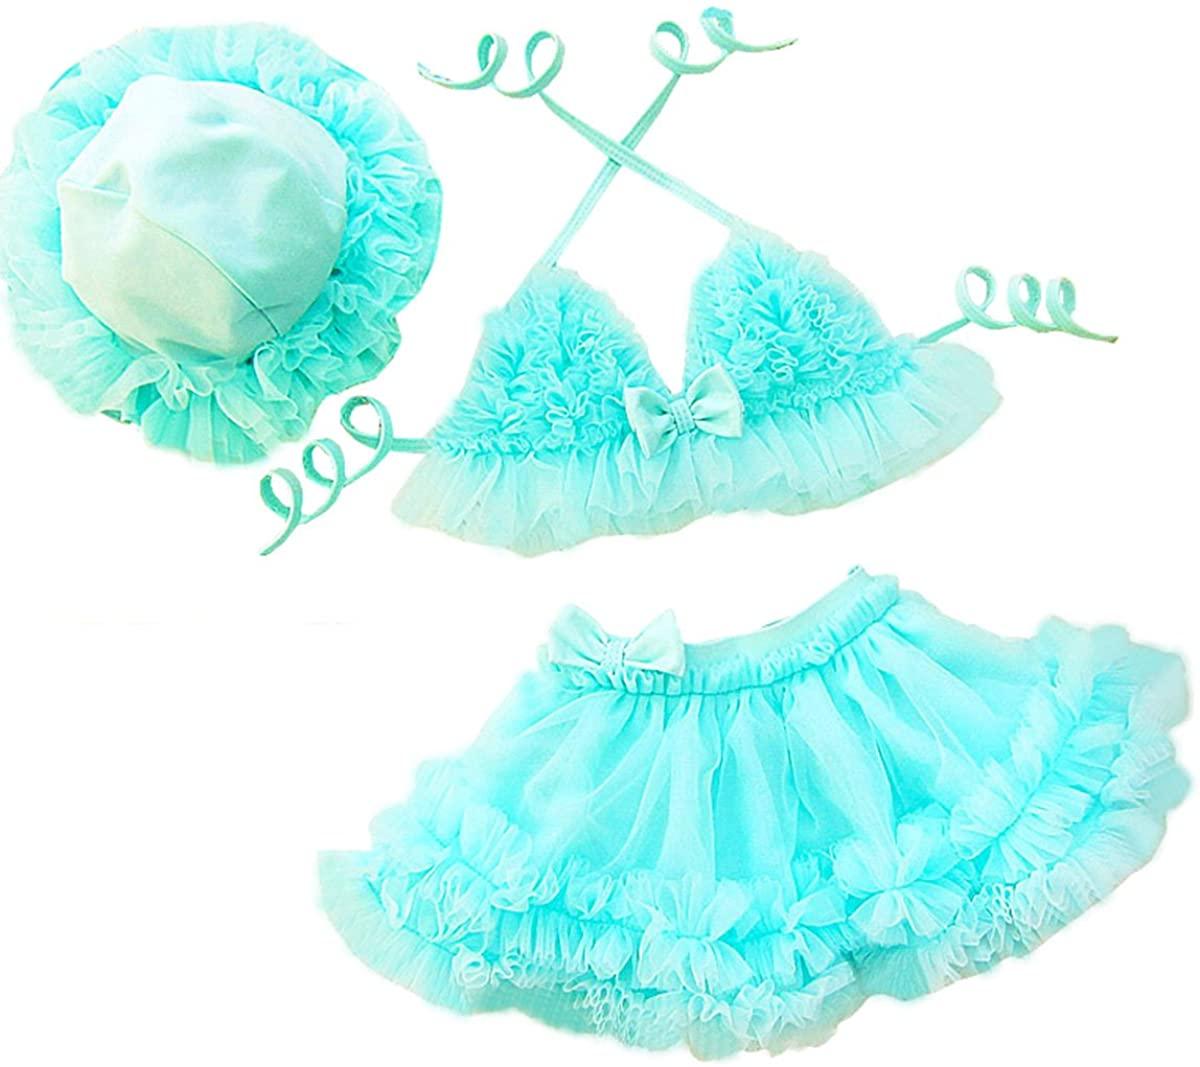 TAIYCYXGAN Baby Girls Swimsuit Princess Lace Tutu Swimwear Ruffle Bikini with Hat